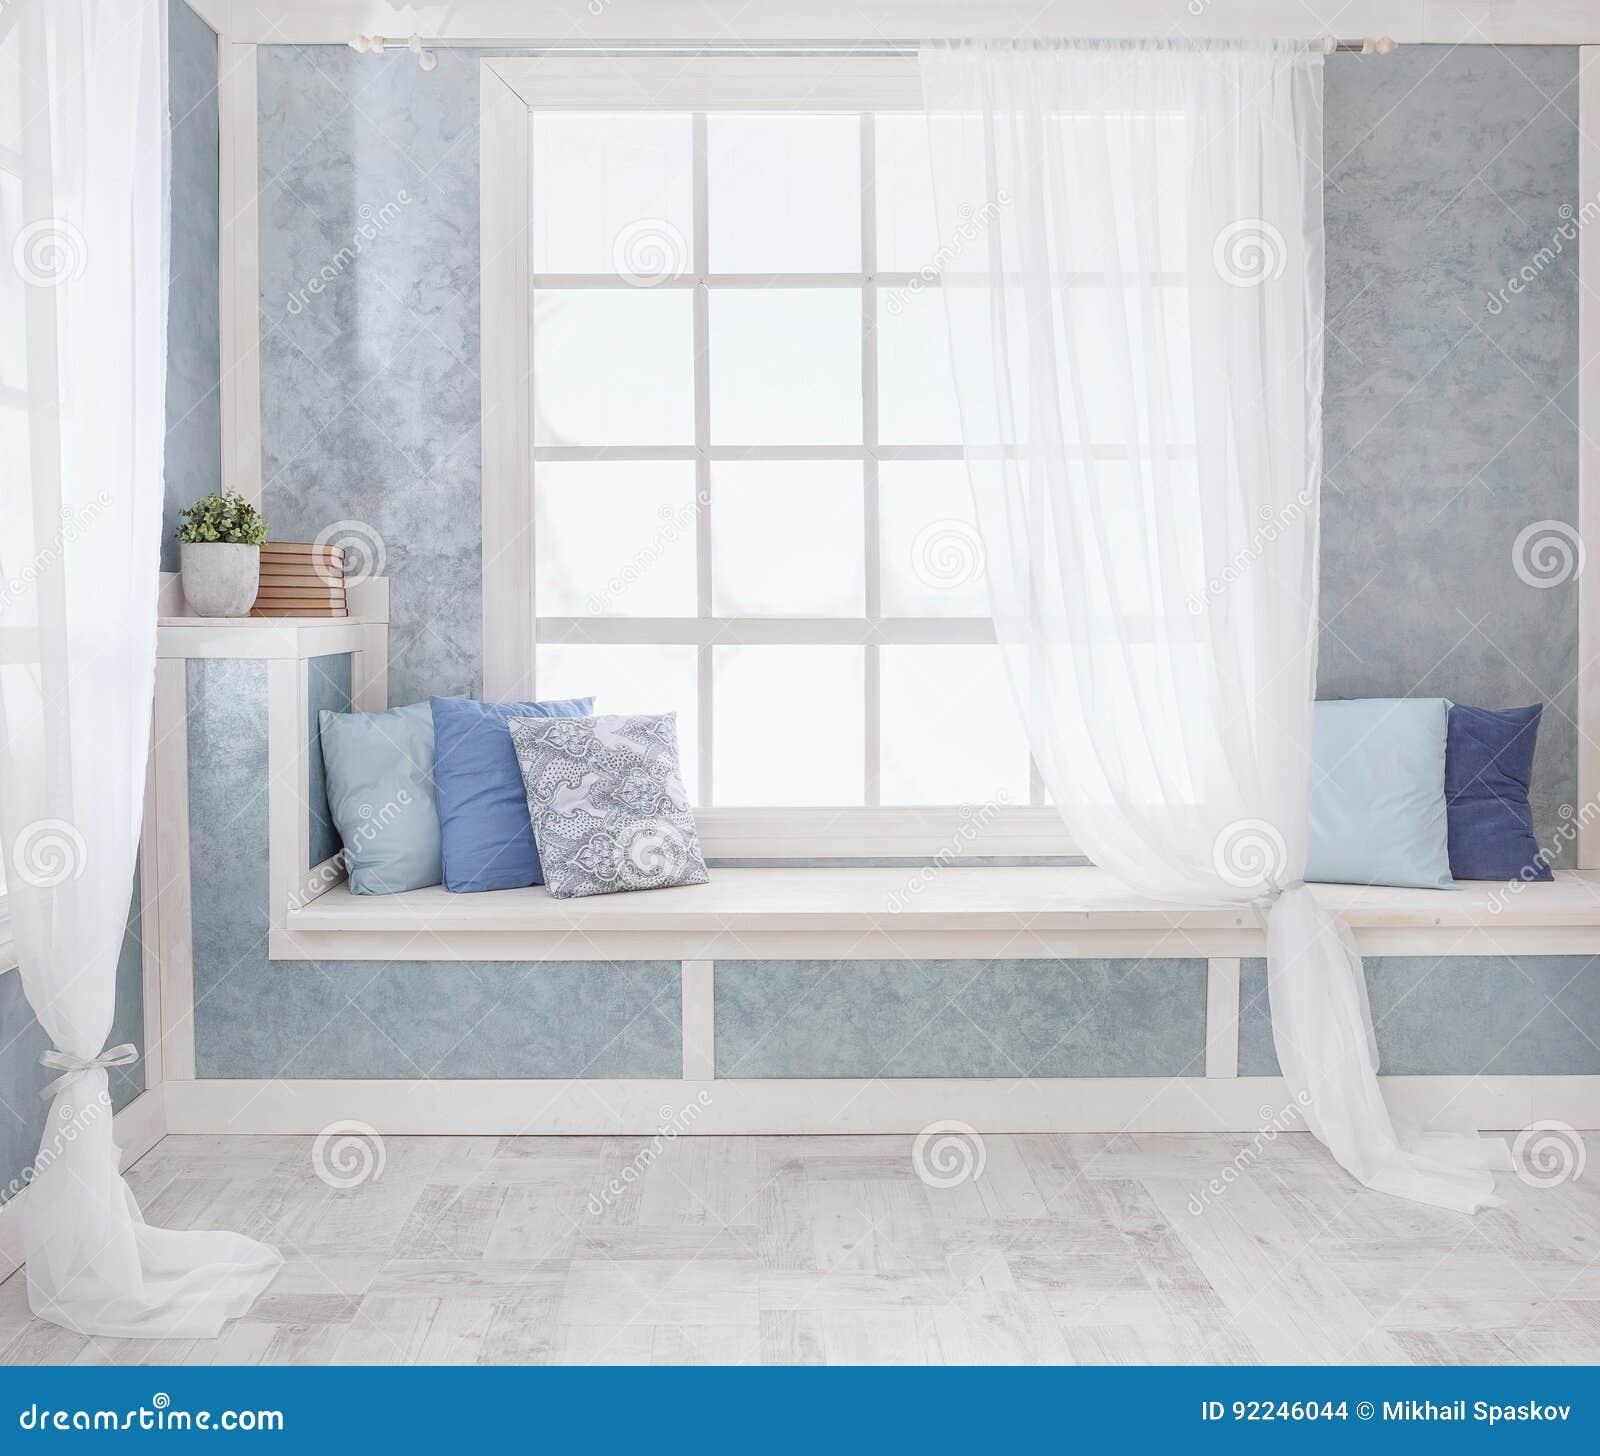 Davanzale Interno Della Finestra interno luminoso, finestra con le tende, davanzale bianco